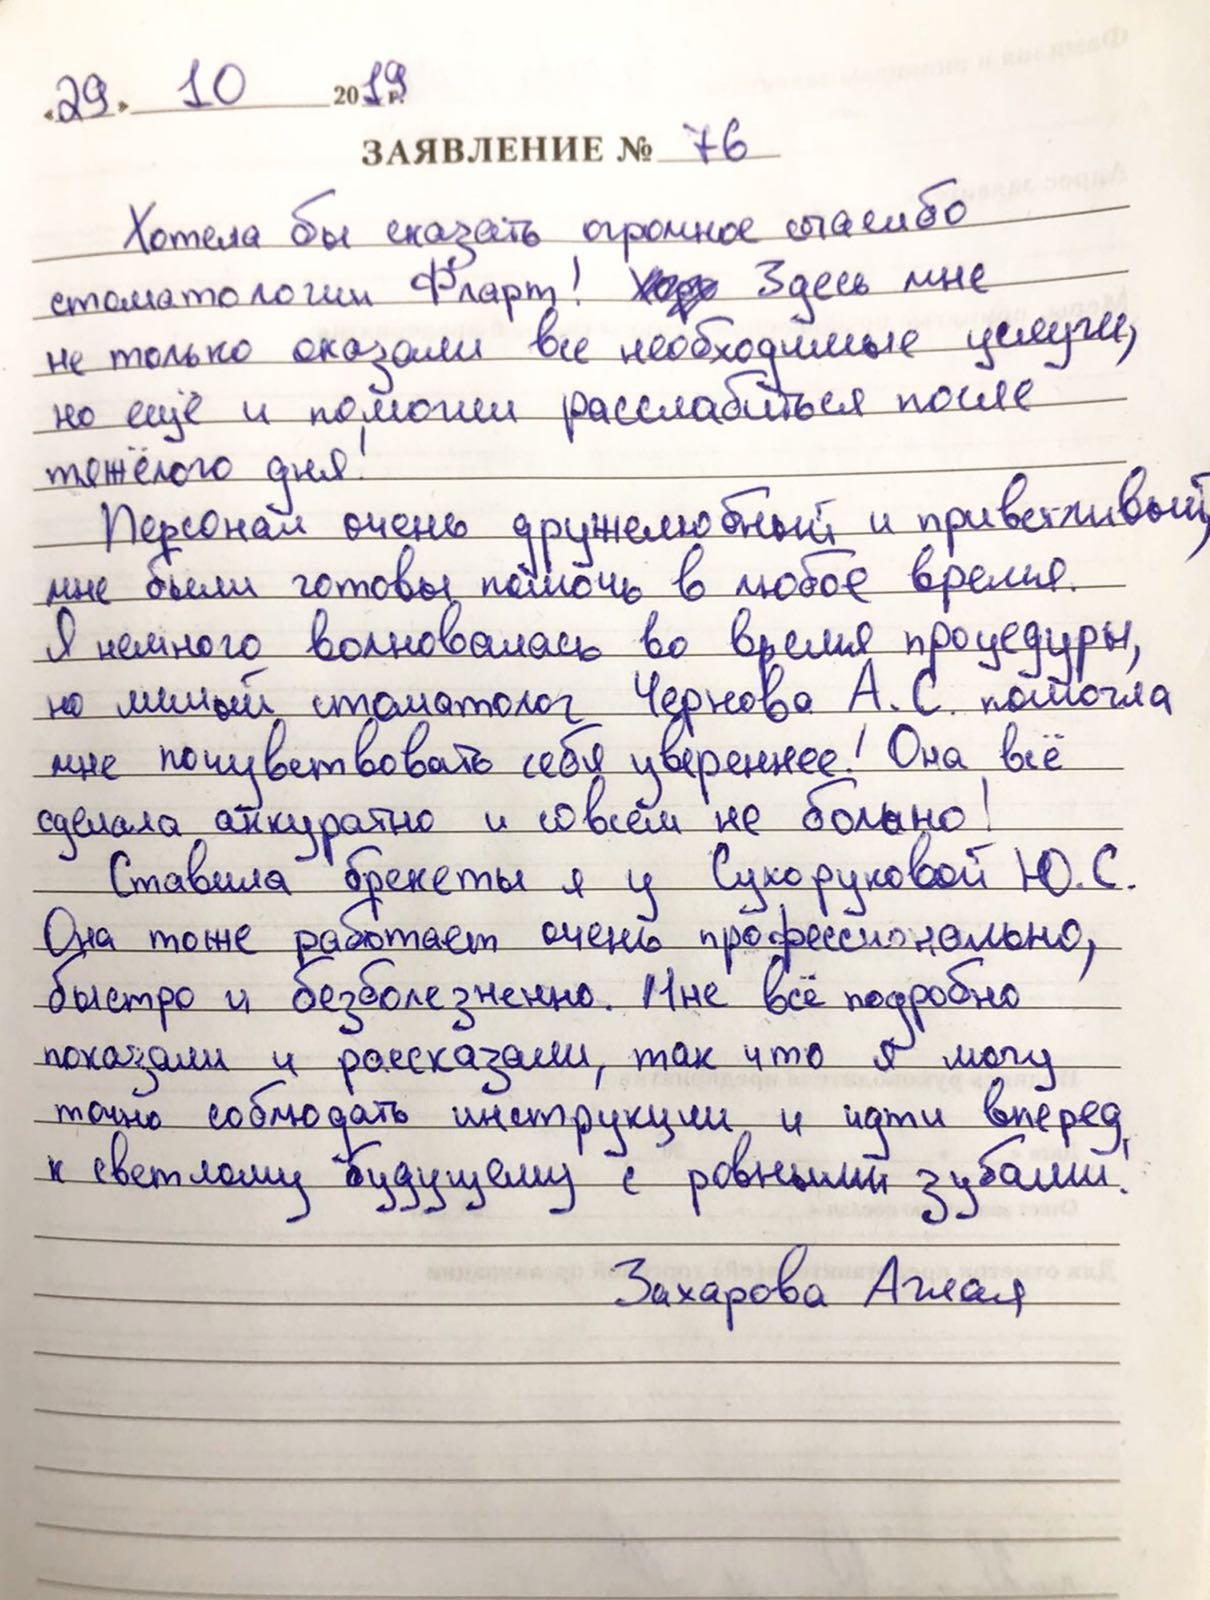 <em>Редактировать Отзыв</em> Аглая Евгеньевна. Стоматология Фларт